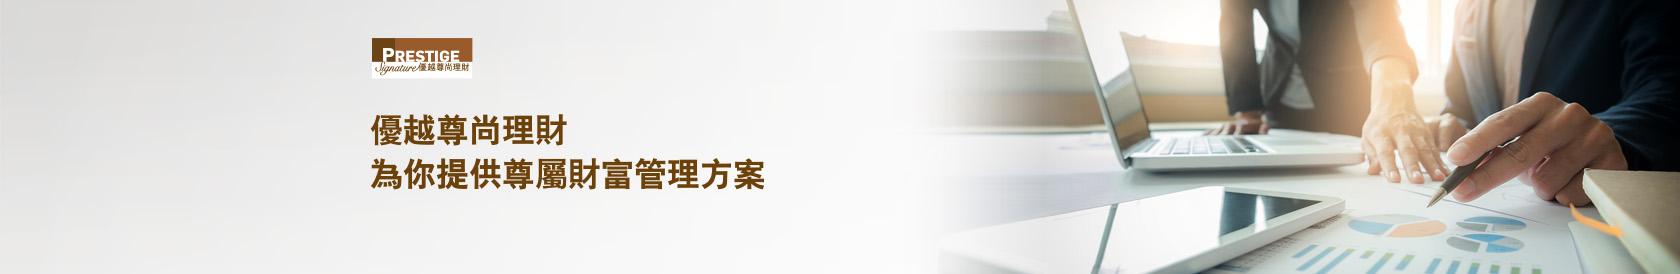 全方位生活保障- 恒生 Prestige Signature- Hang Seng Bank